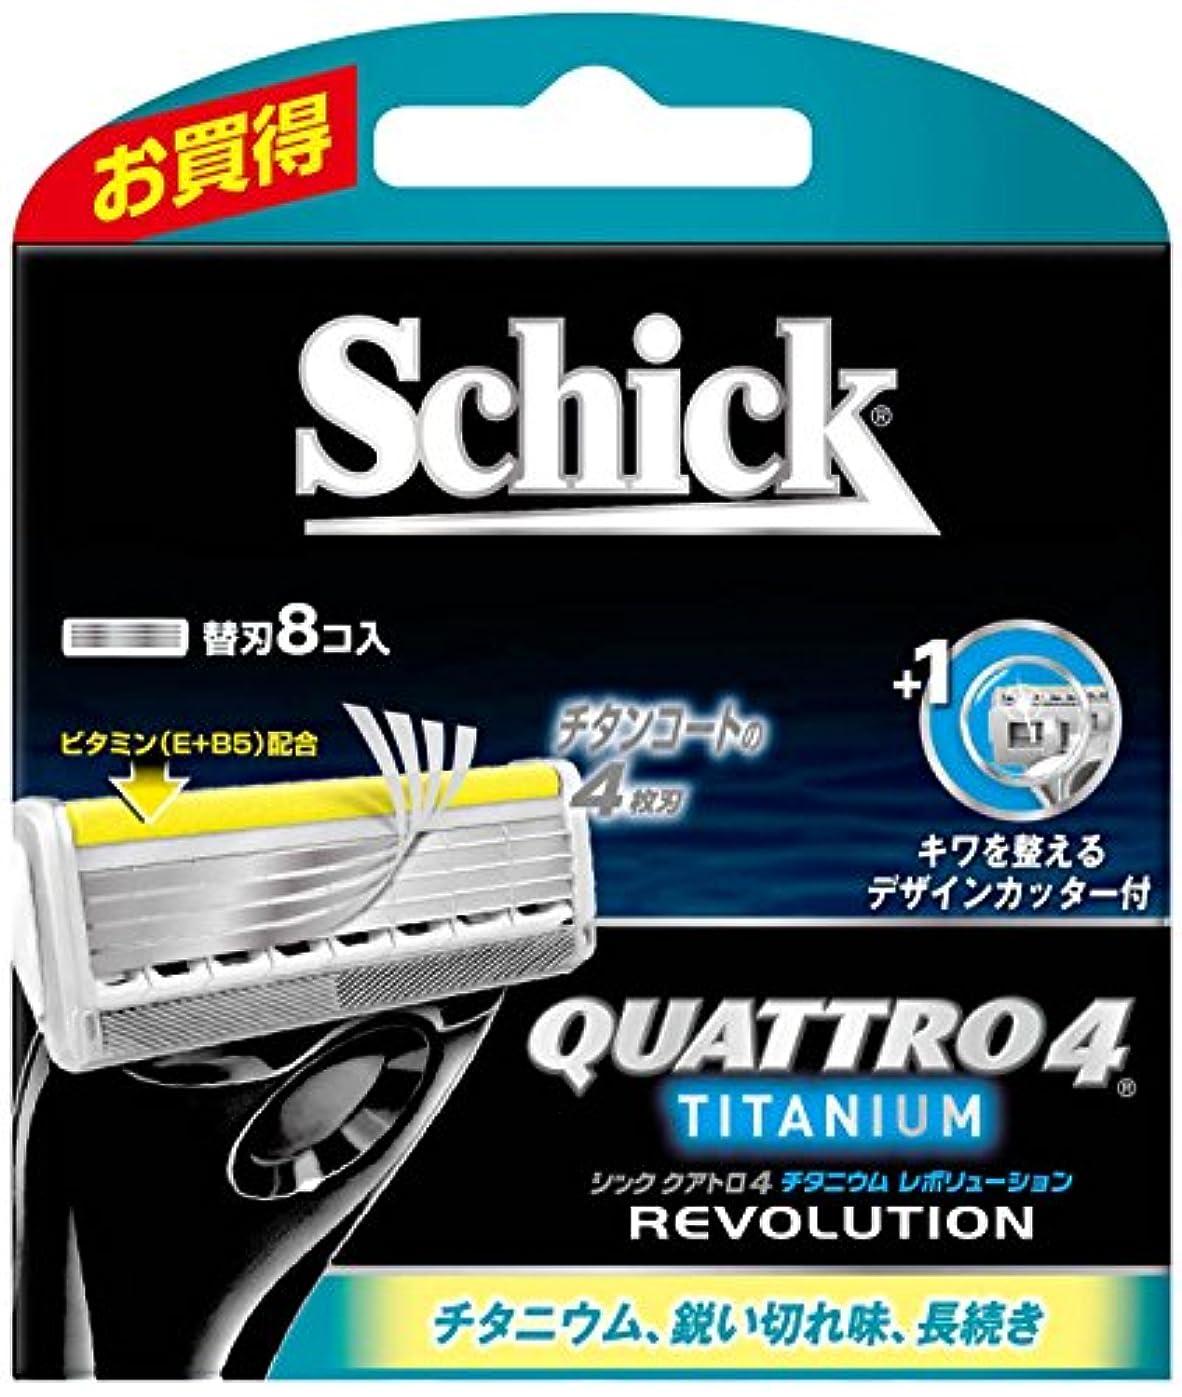 シック Schick クアトロ4 4枚刃 チタニウムレボリューション 替刃 (8コ入)